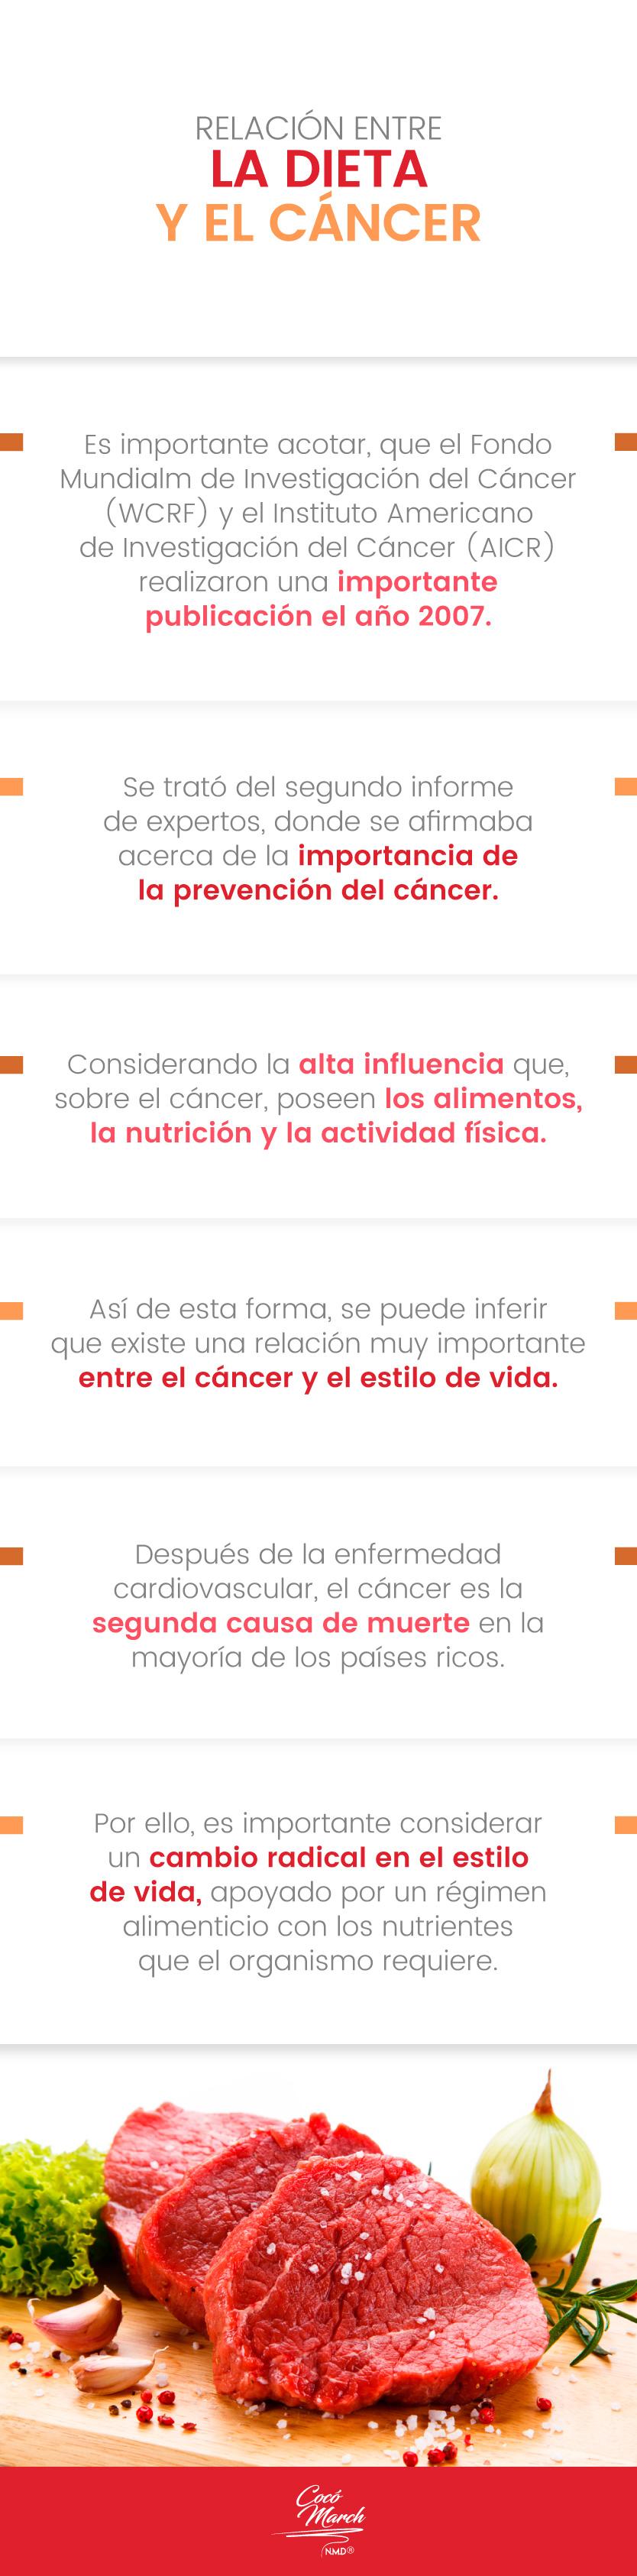 relacion-entre-dieta-y-cancer